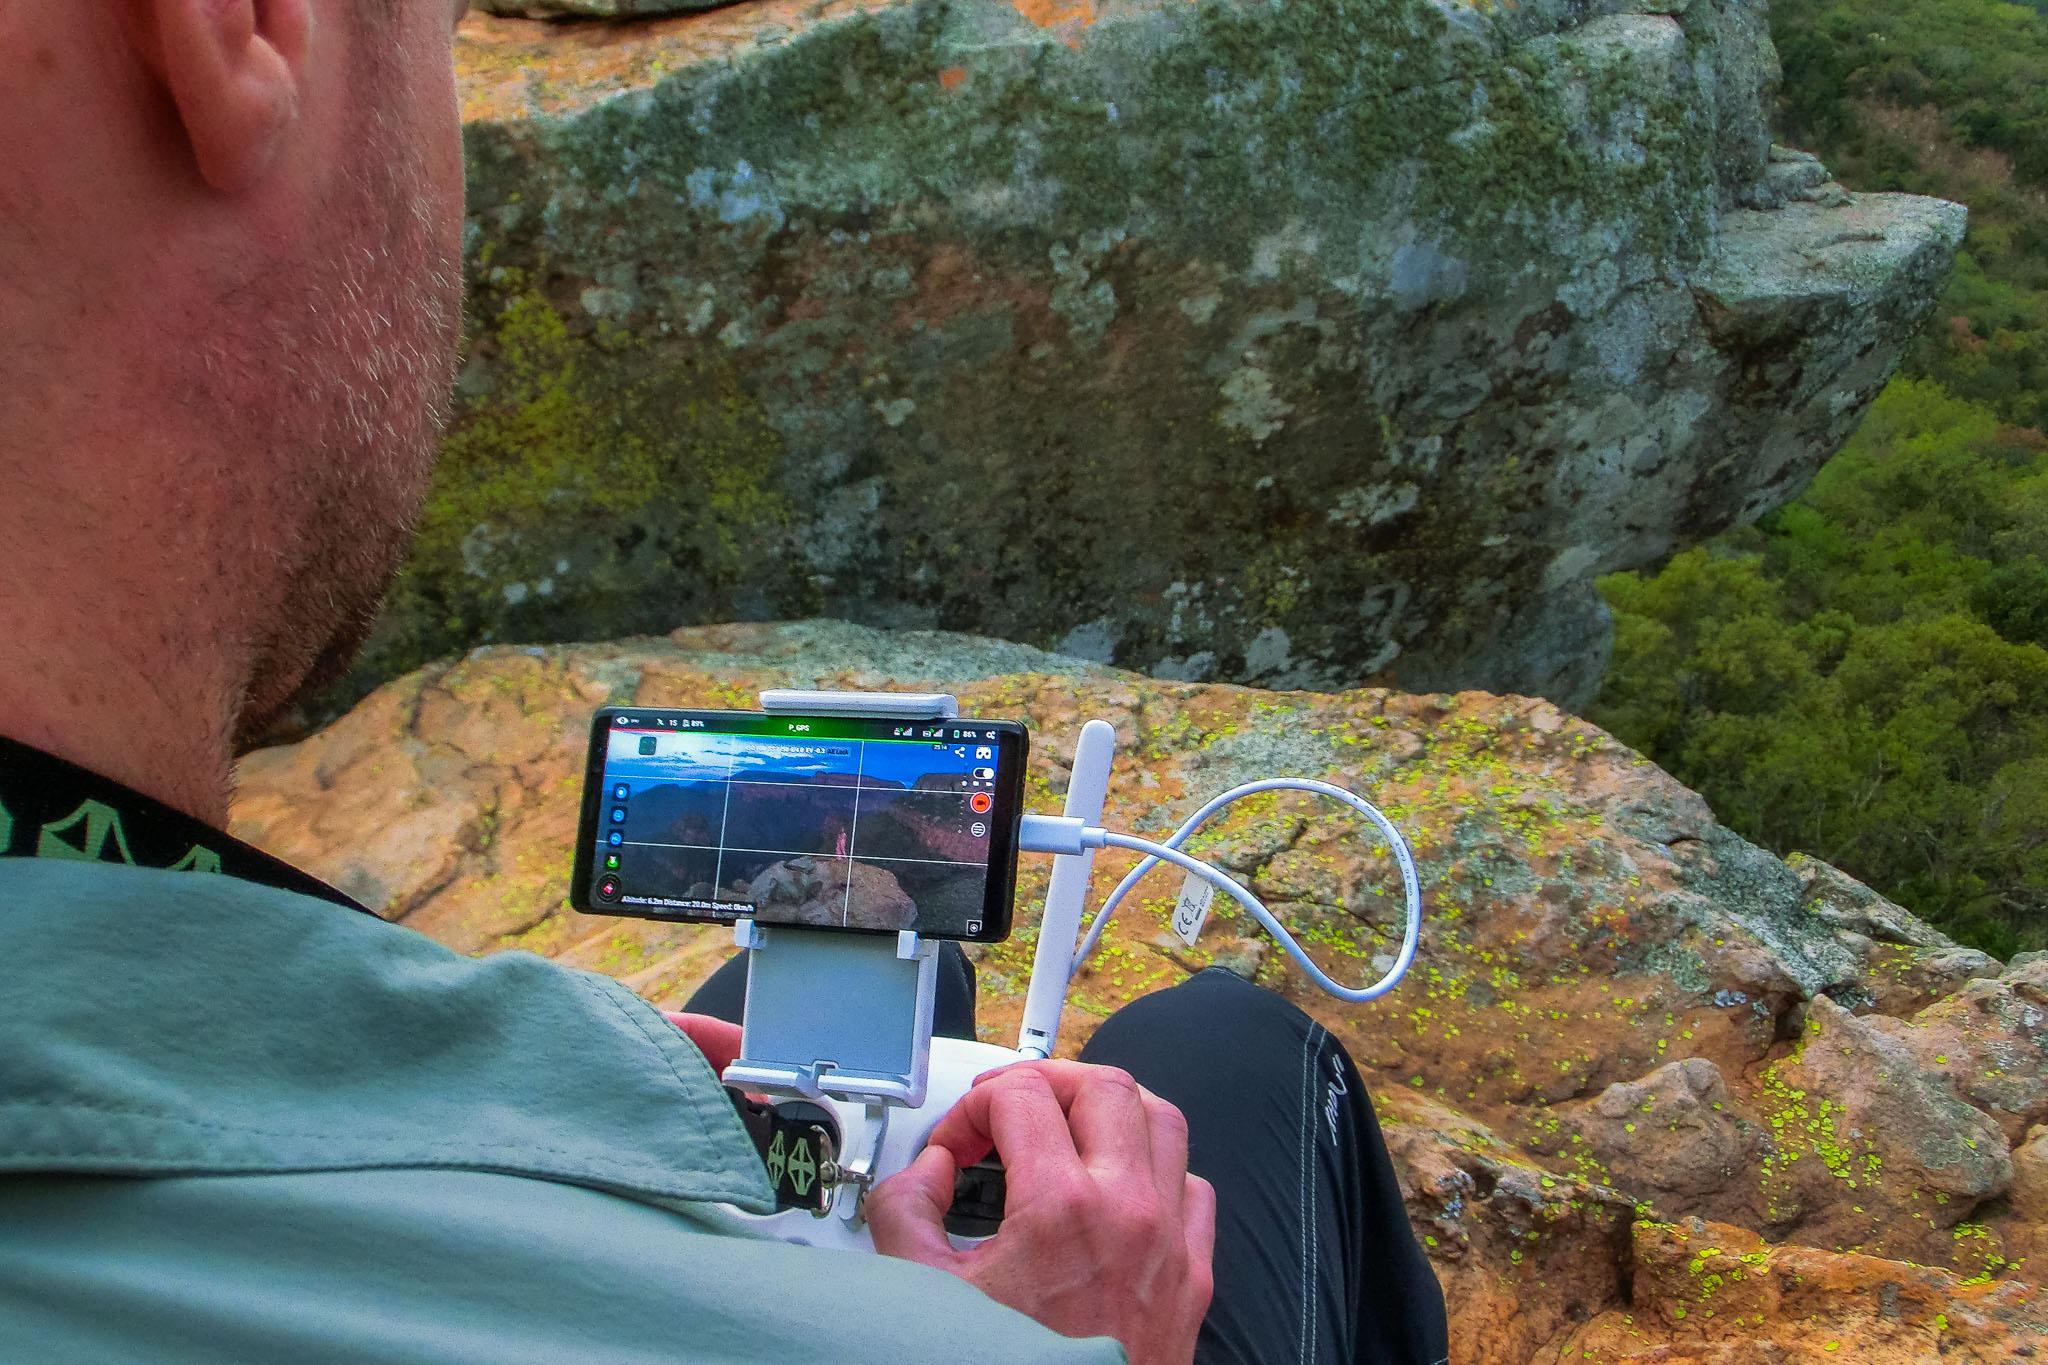 kurs-flyga-dronare-workshop-stockholm-goteborg-malmo-sverige-fotograf-jesper-anhede